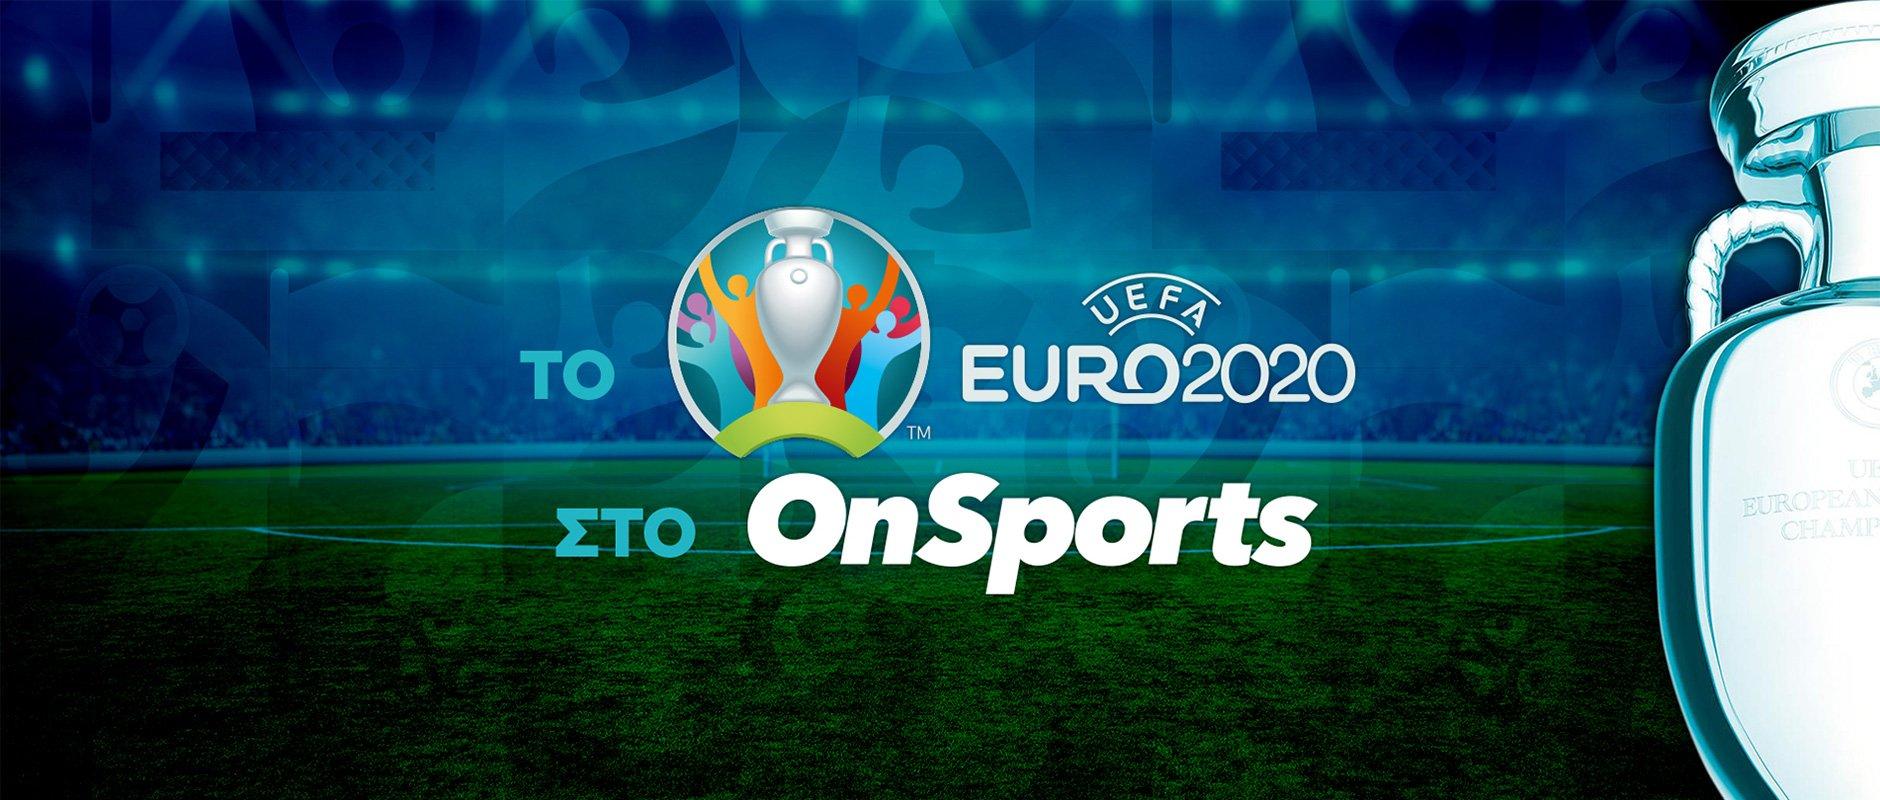 Το Euro 2020 στο OnSports